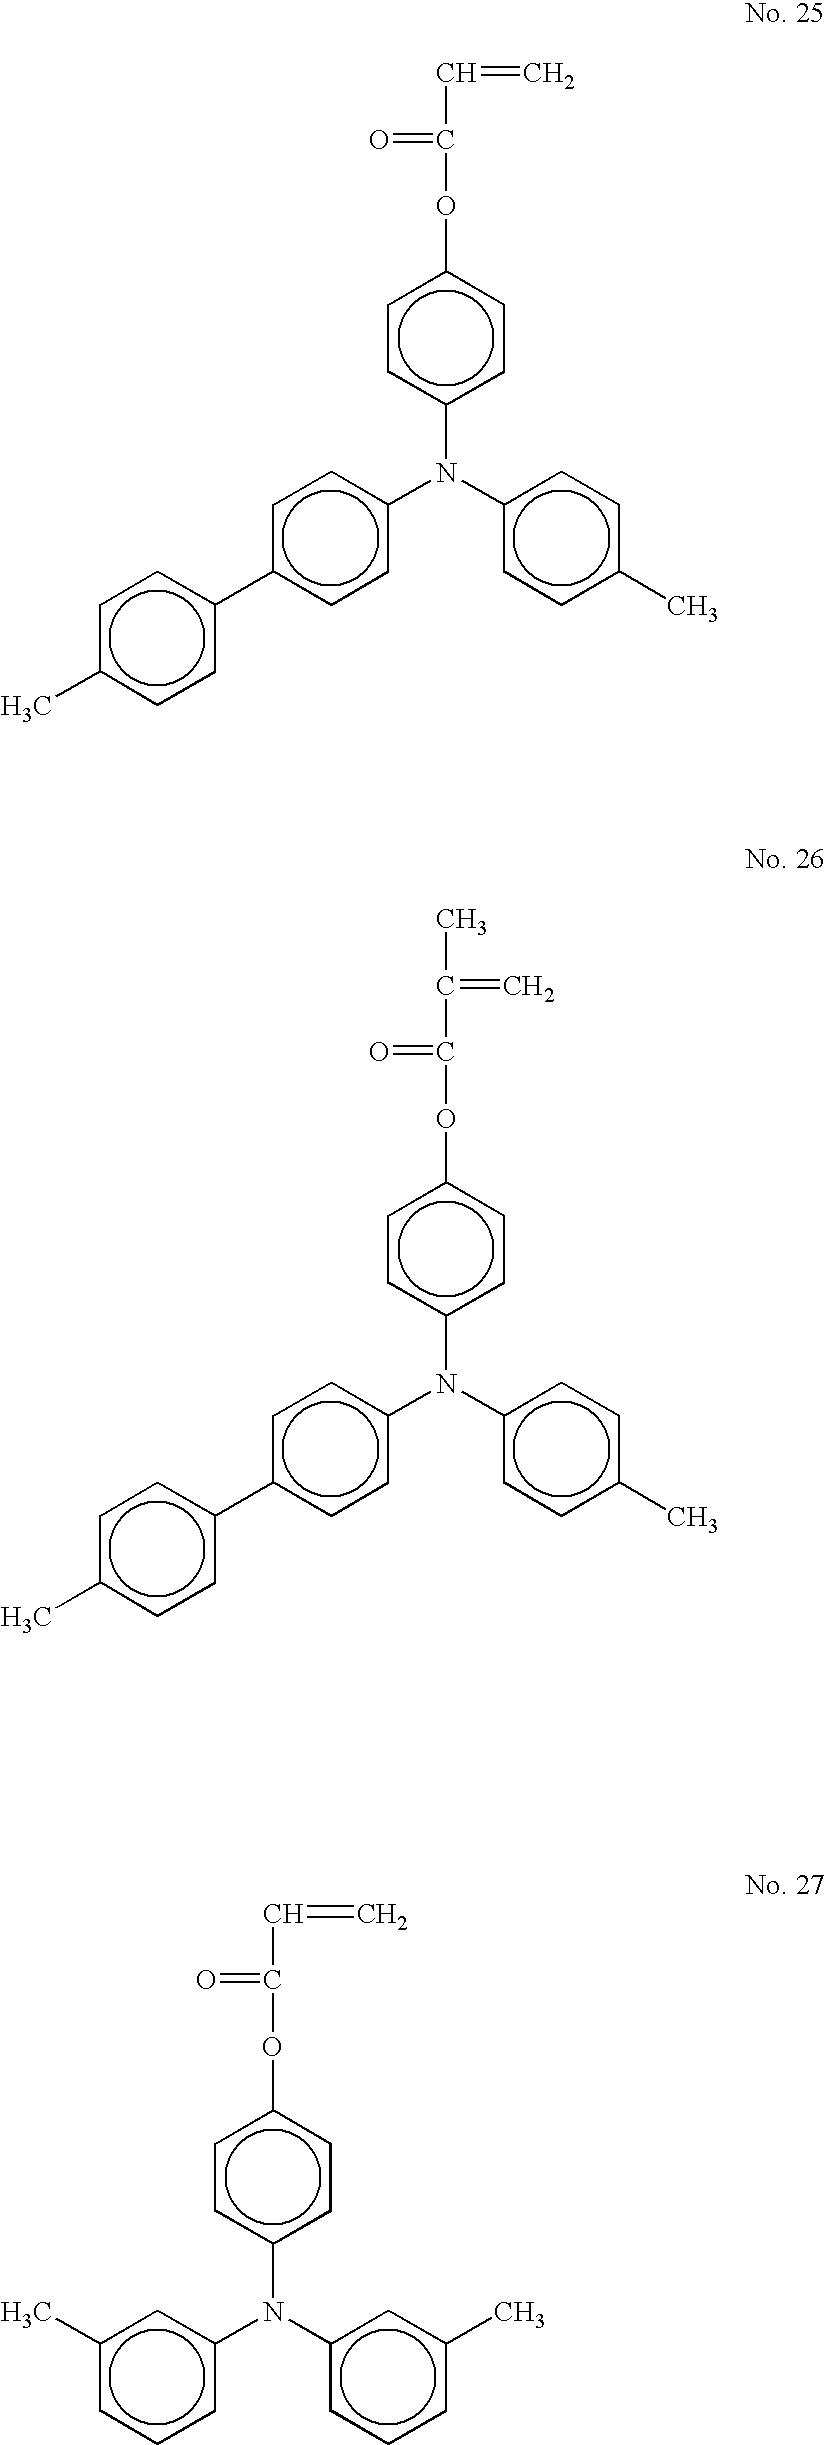 Figure US20040253527A1-20041216-C00020